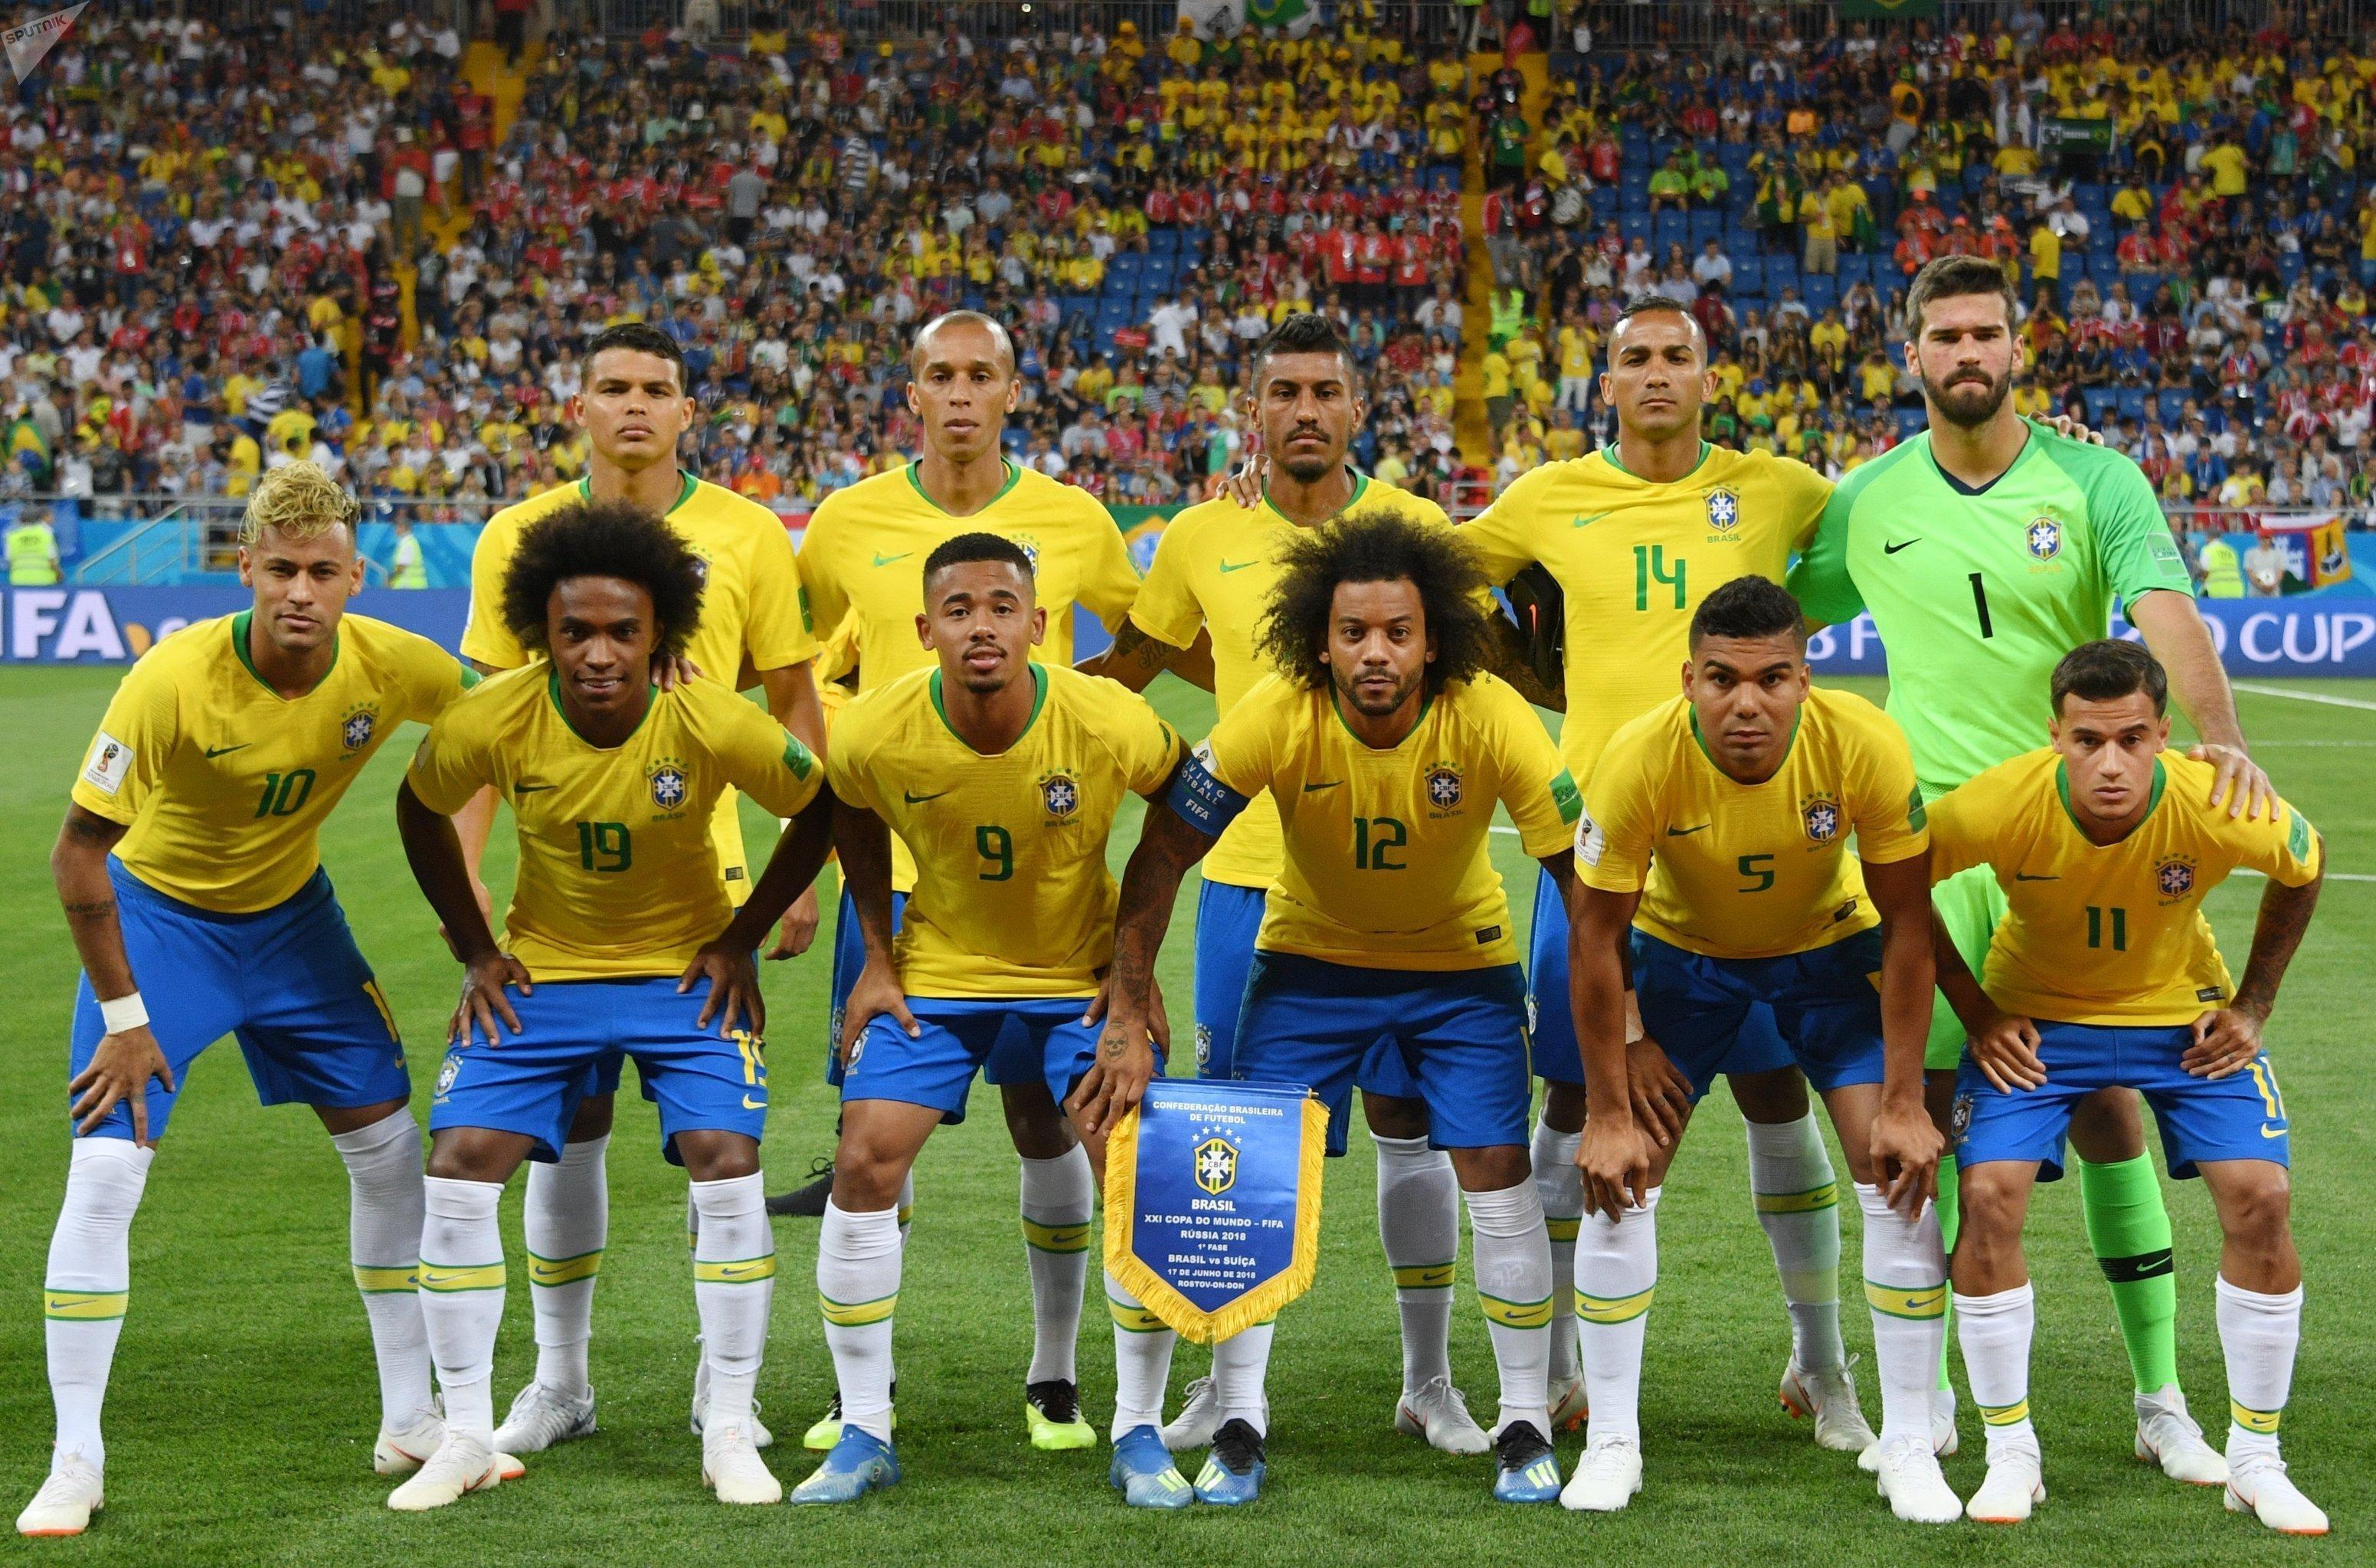 Equipo de Brasil en Rusia 2018